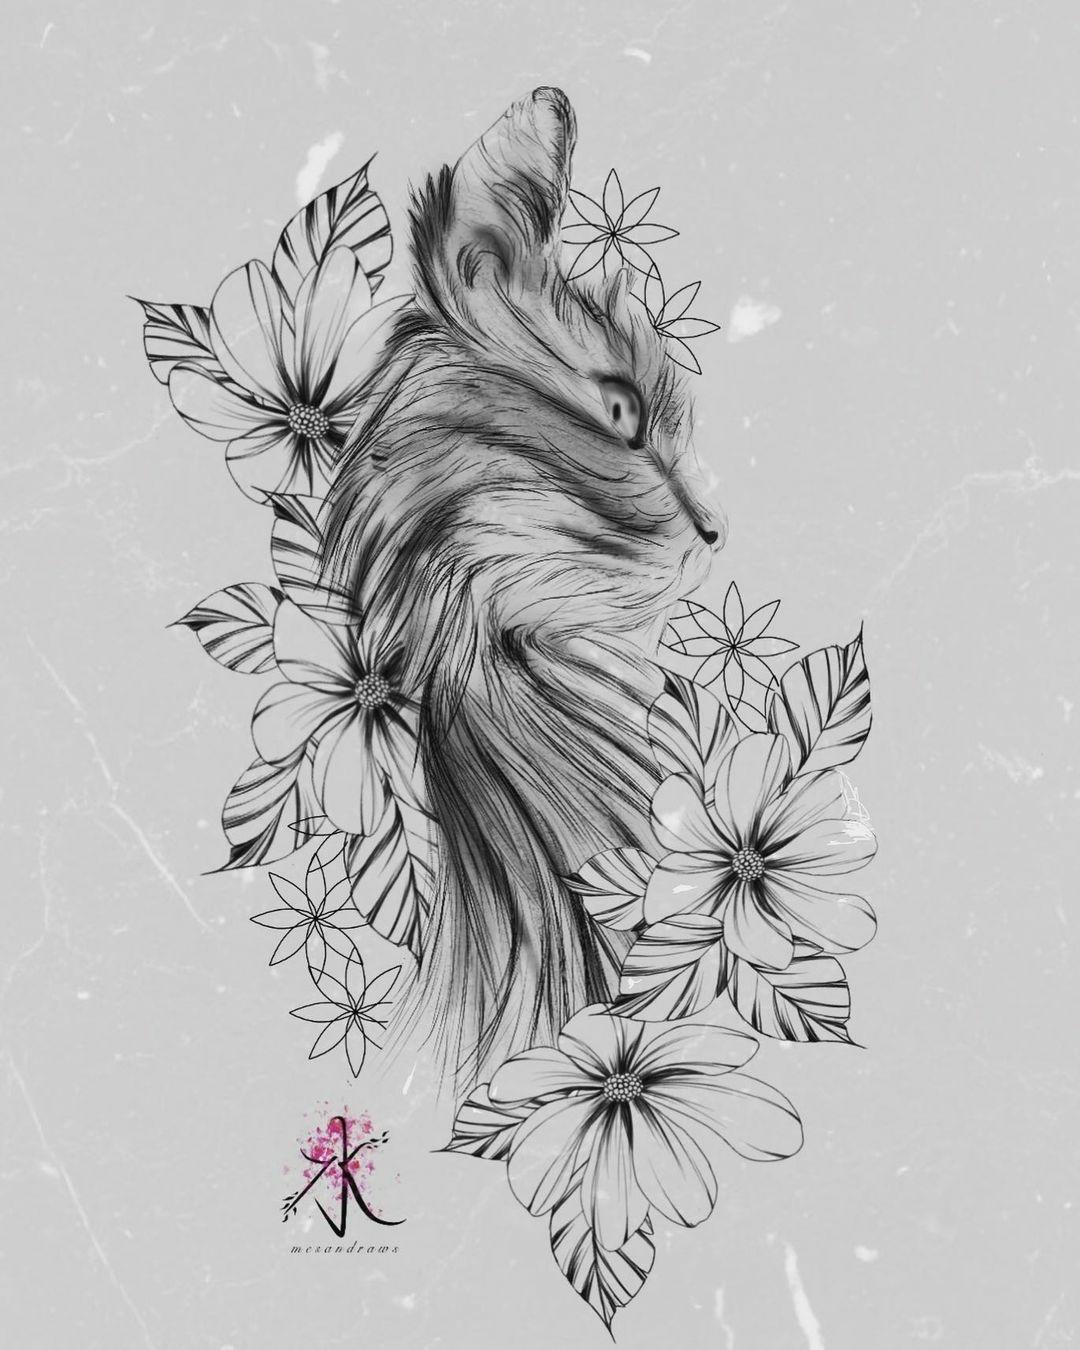 Inksearch tattoo mesandraws.tattoo